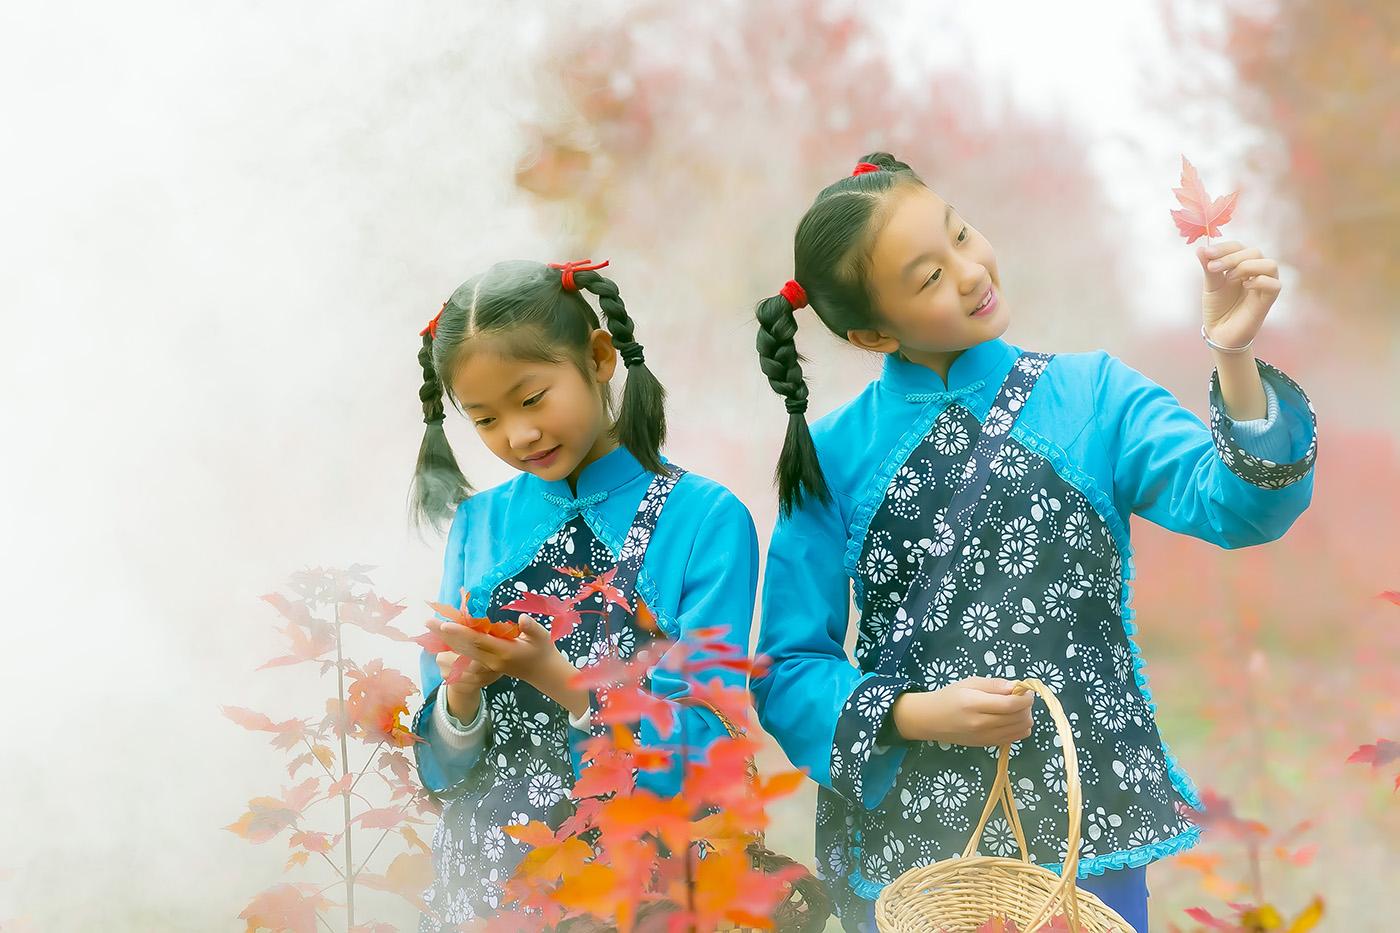 沂蒙山区竟然有这么一片童话般的树林 沂蒙小精灵火红的童年来袭 ..._图1-17